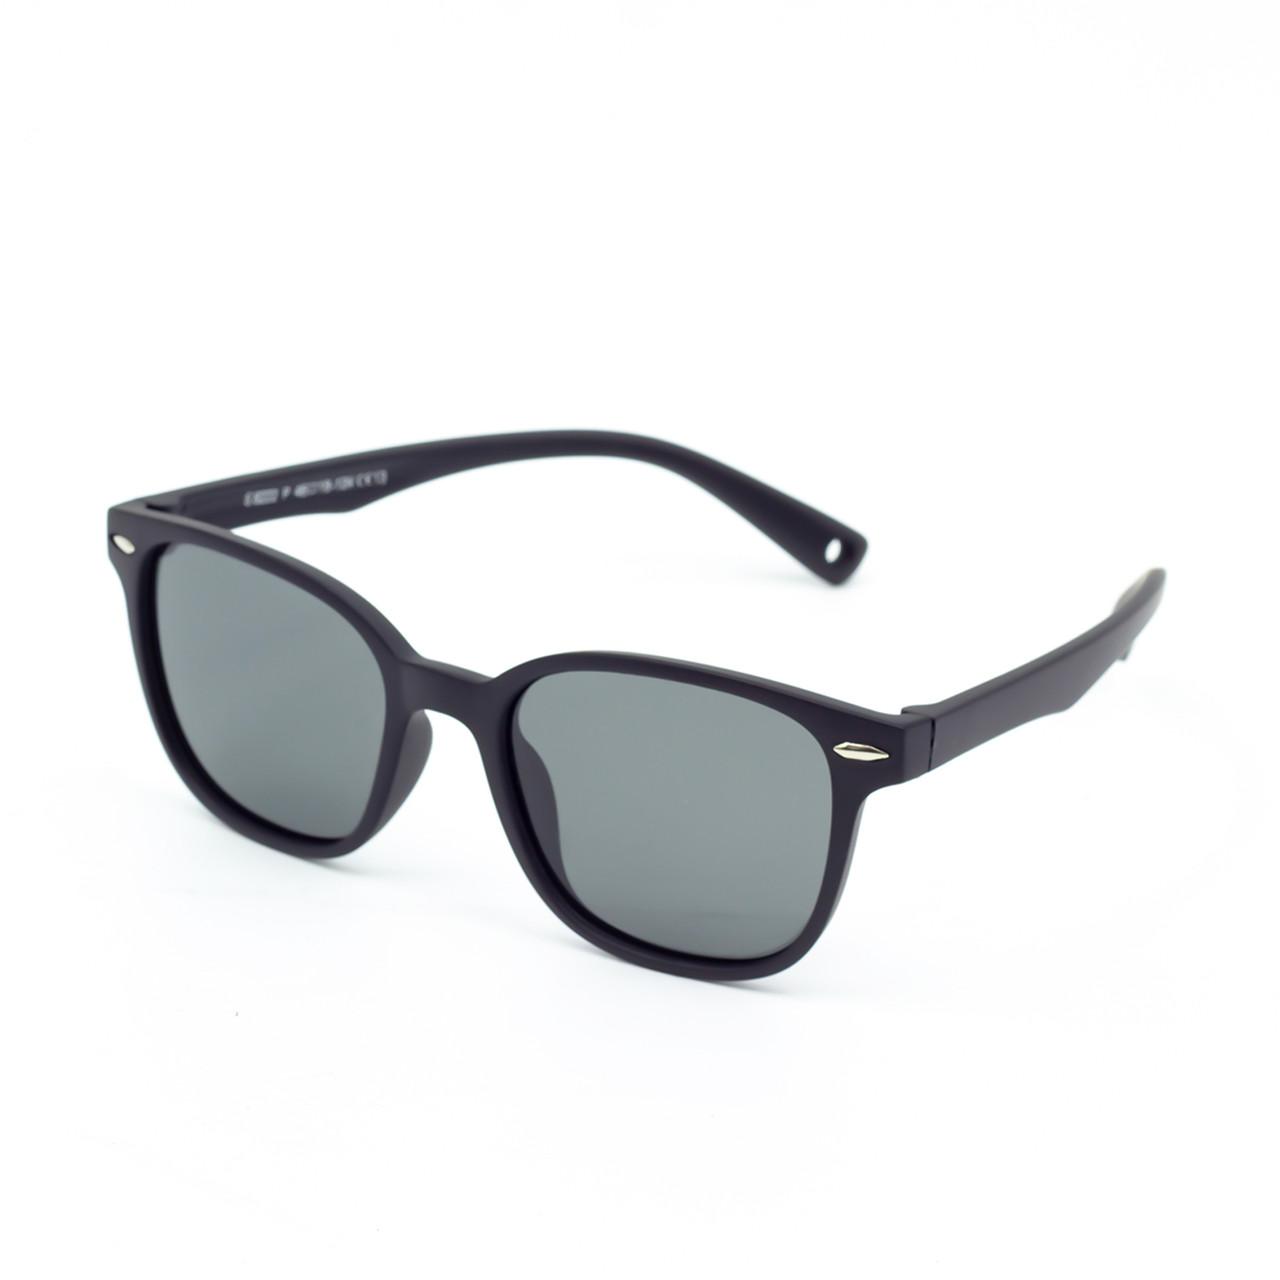 Сонцезахисні окуляри Marmilen Polar S8222P C13 чорні матові ( KAS8222P-13 )